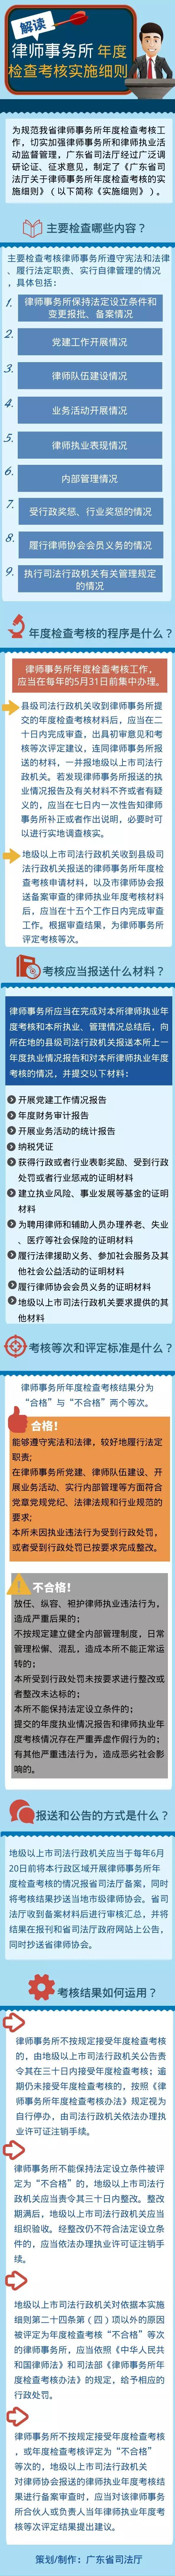 图解:广东省司法厅关于律师事务所年度检查考核的实施细则.jpg